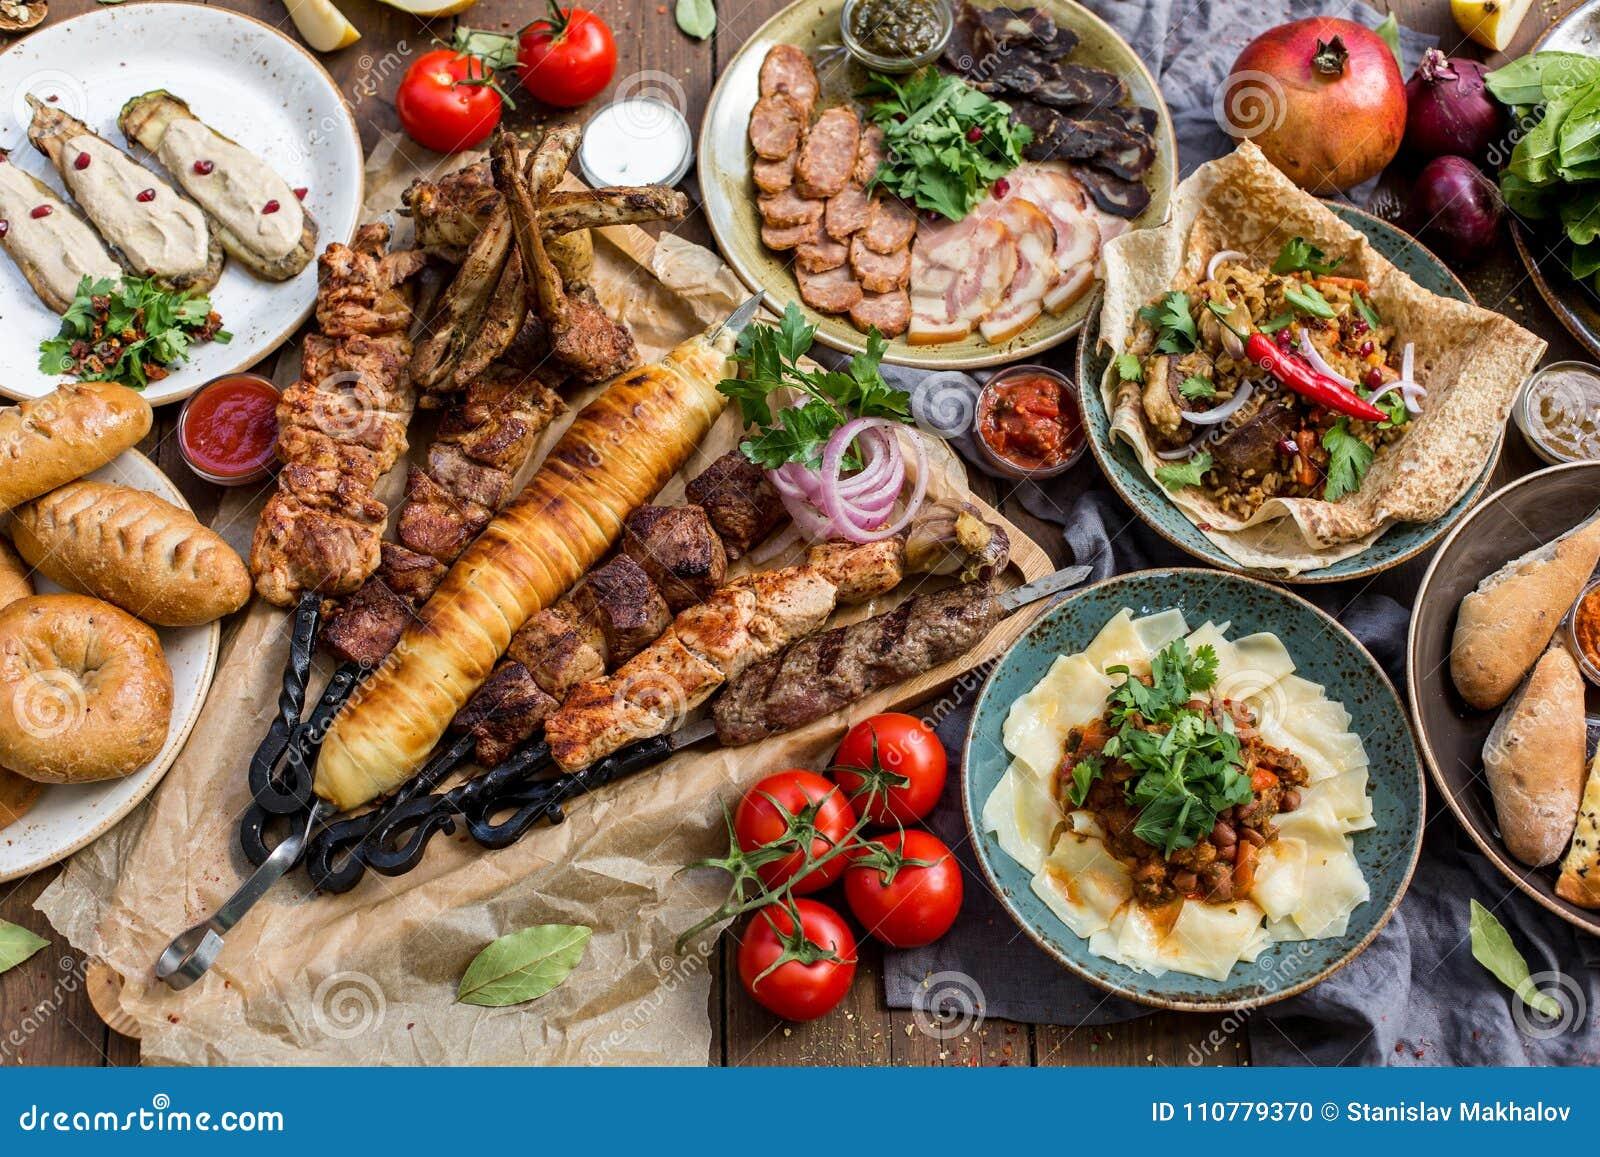 Fora conceito do alimento Bife assado apetitoso, salsichas e vegetais grelhados em uma tabela de piquenique de madeira